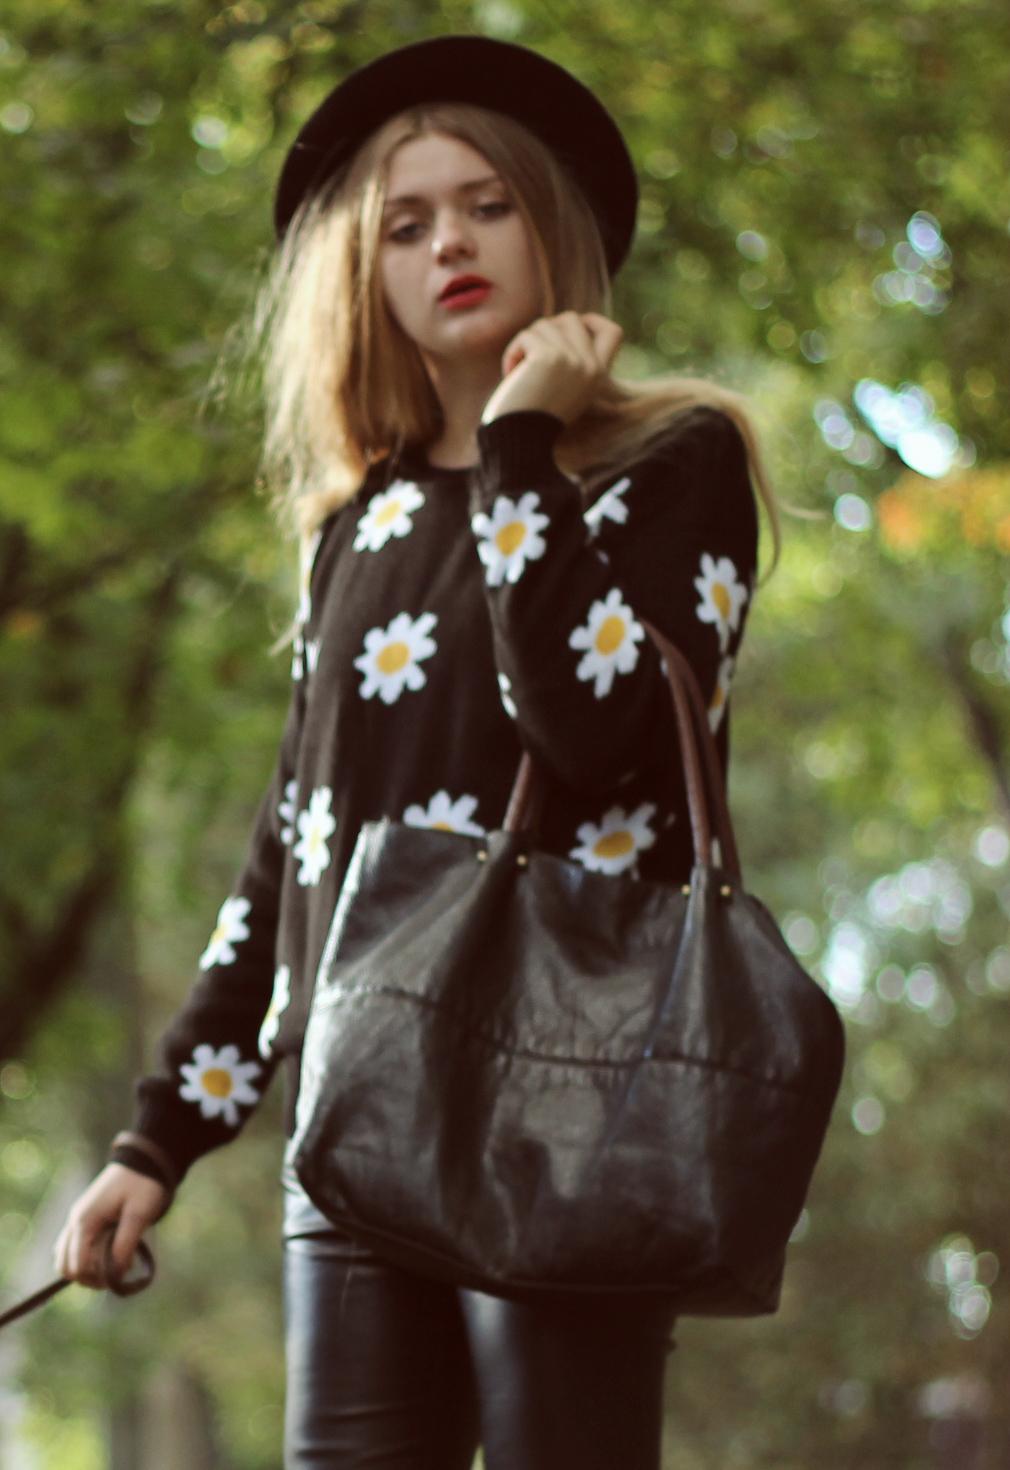 daisy knitwear omg fashion